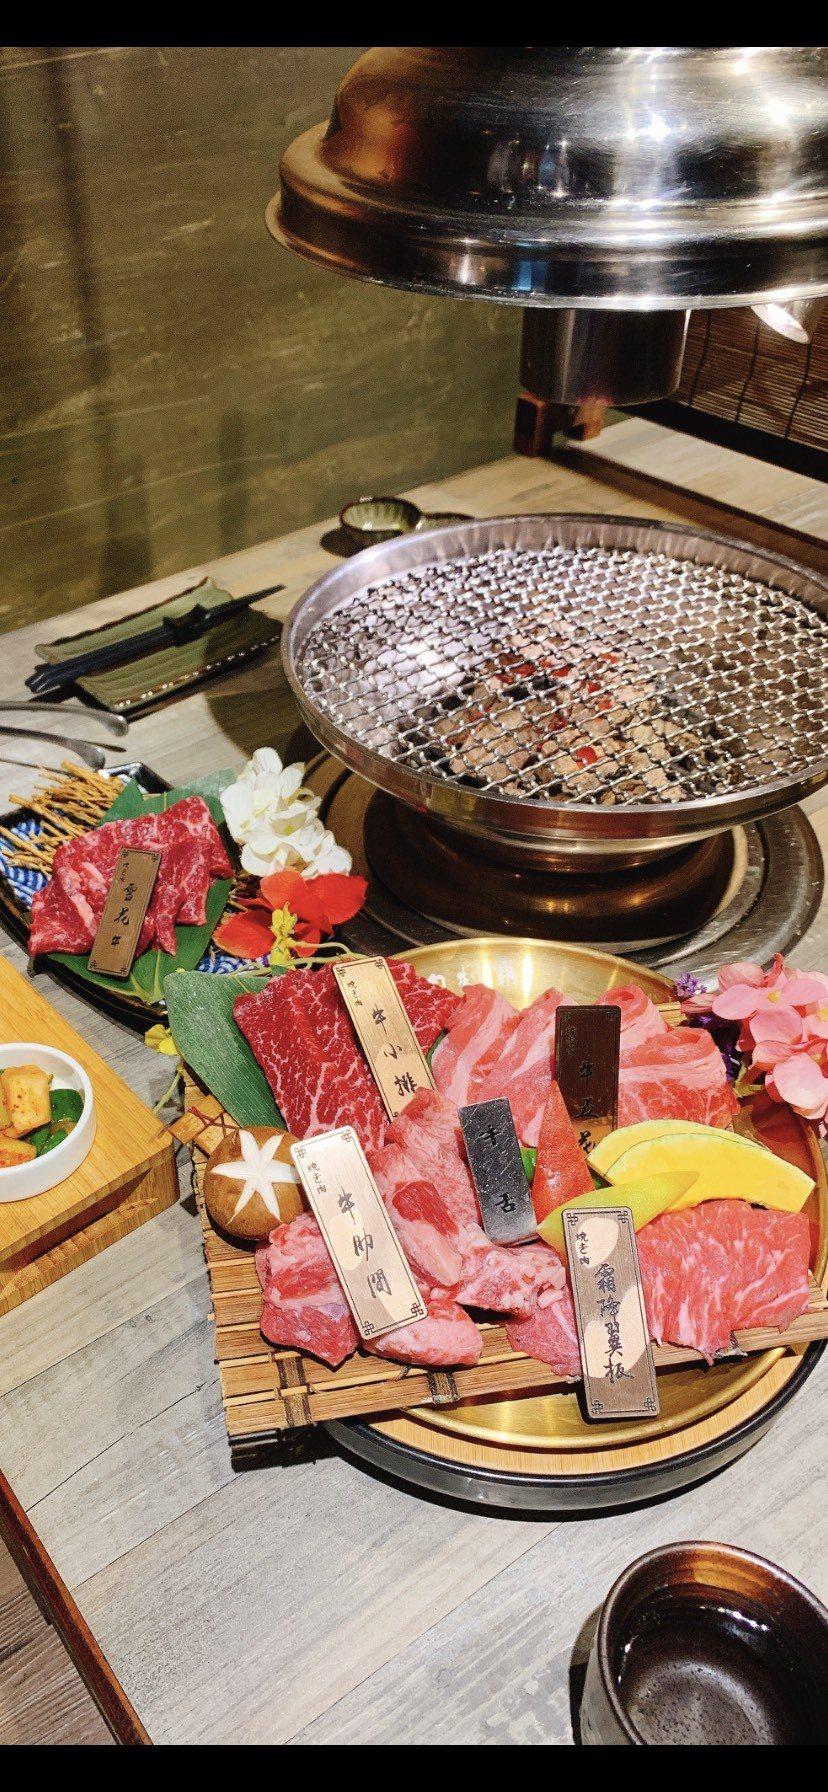 燒肉店同步推出優惠活動。圖/美國肉類出口協會提供